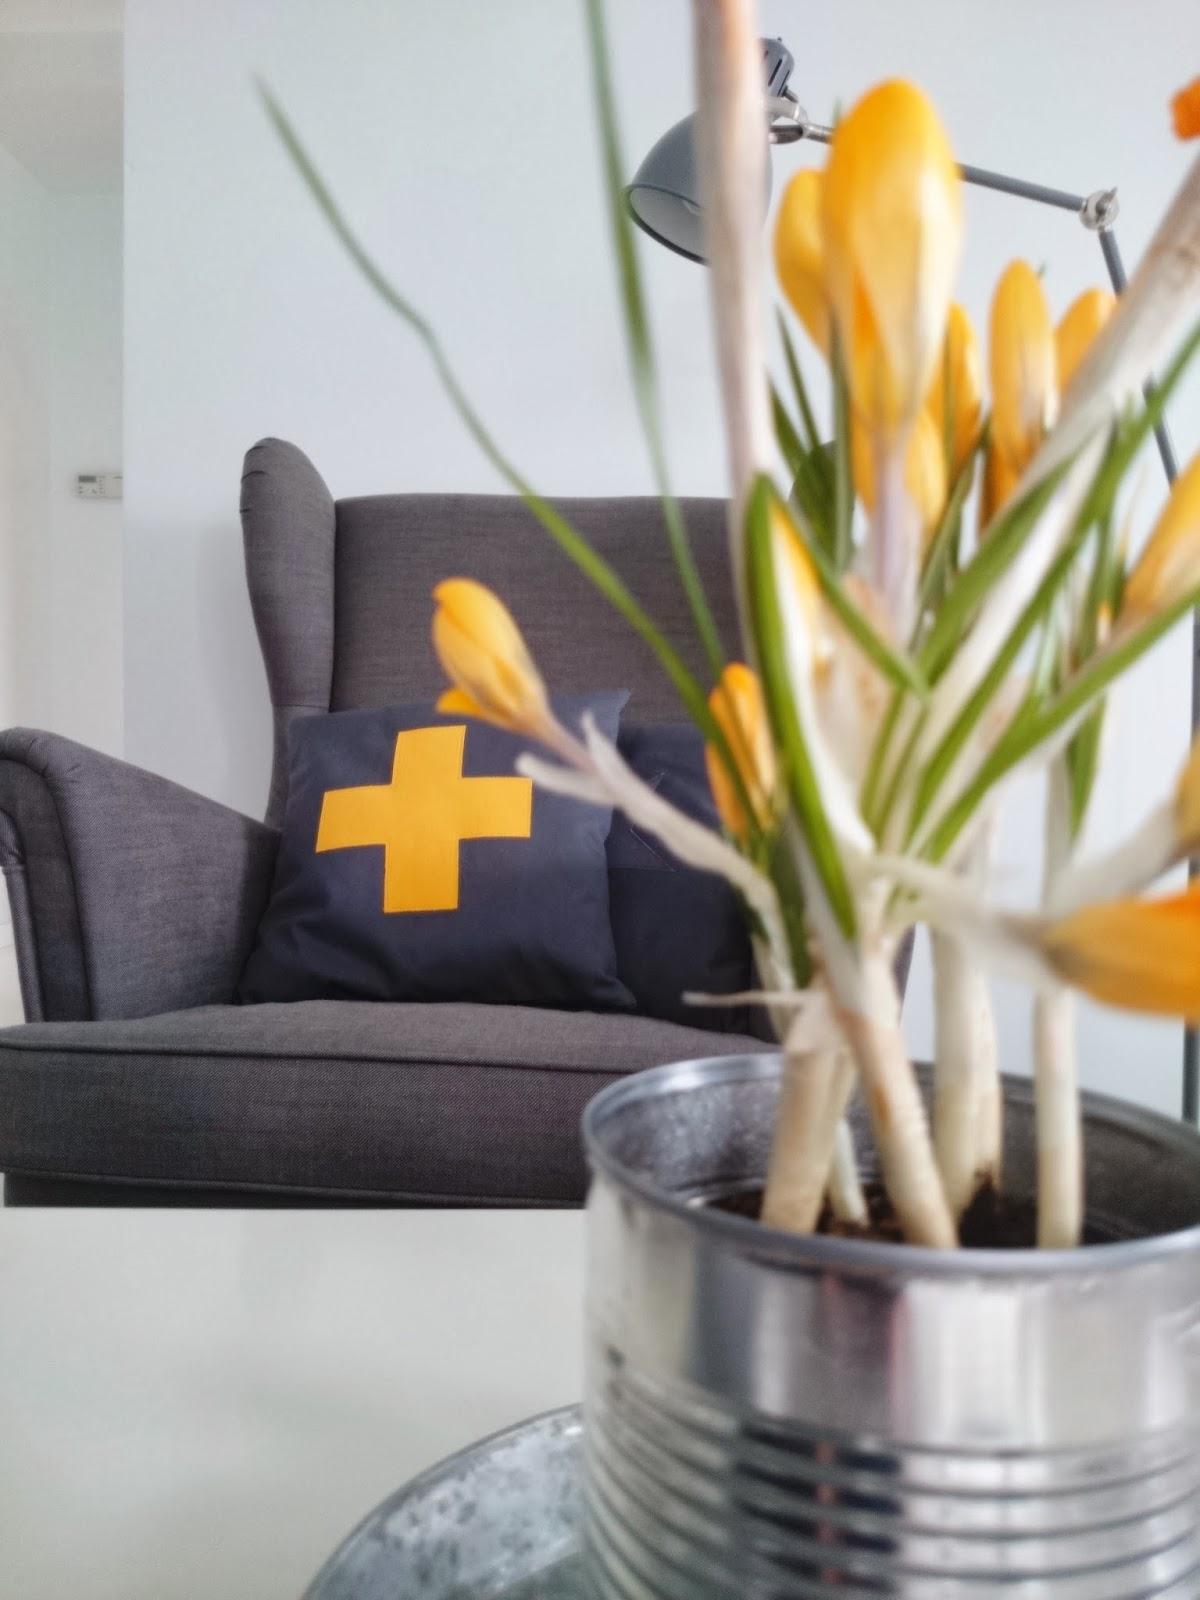 Szary fotel uszak, poduszka żółty plus, żółte krokusy, salon  z żółtymi akcentami